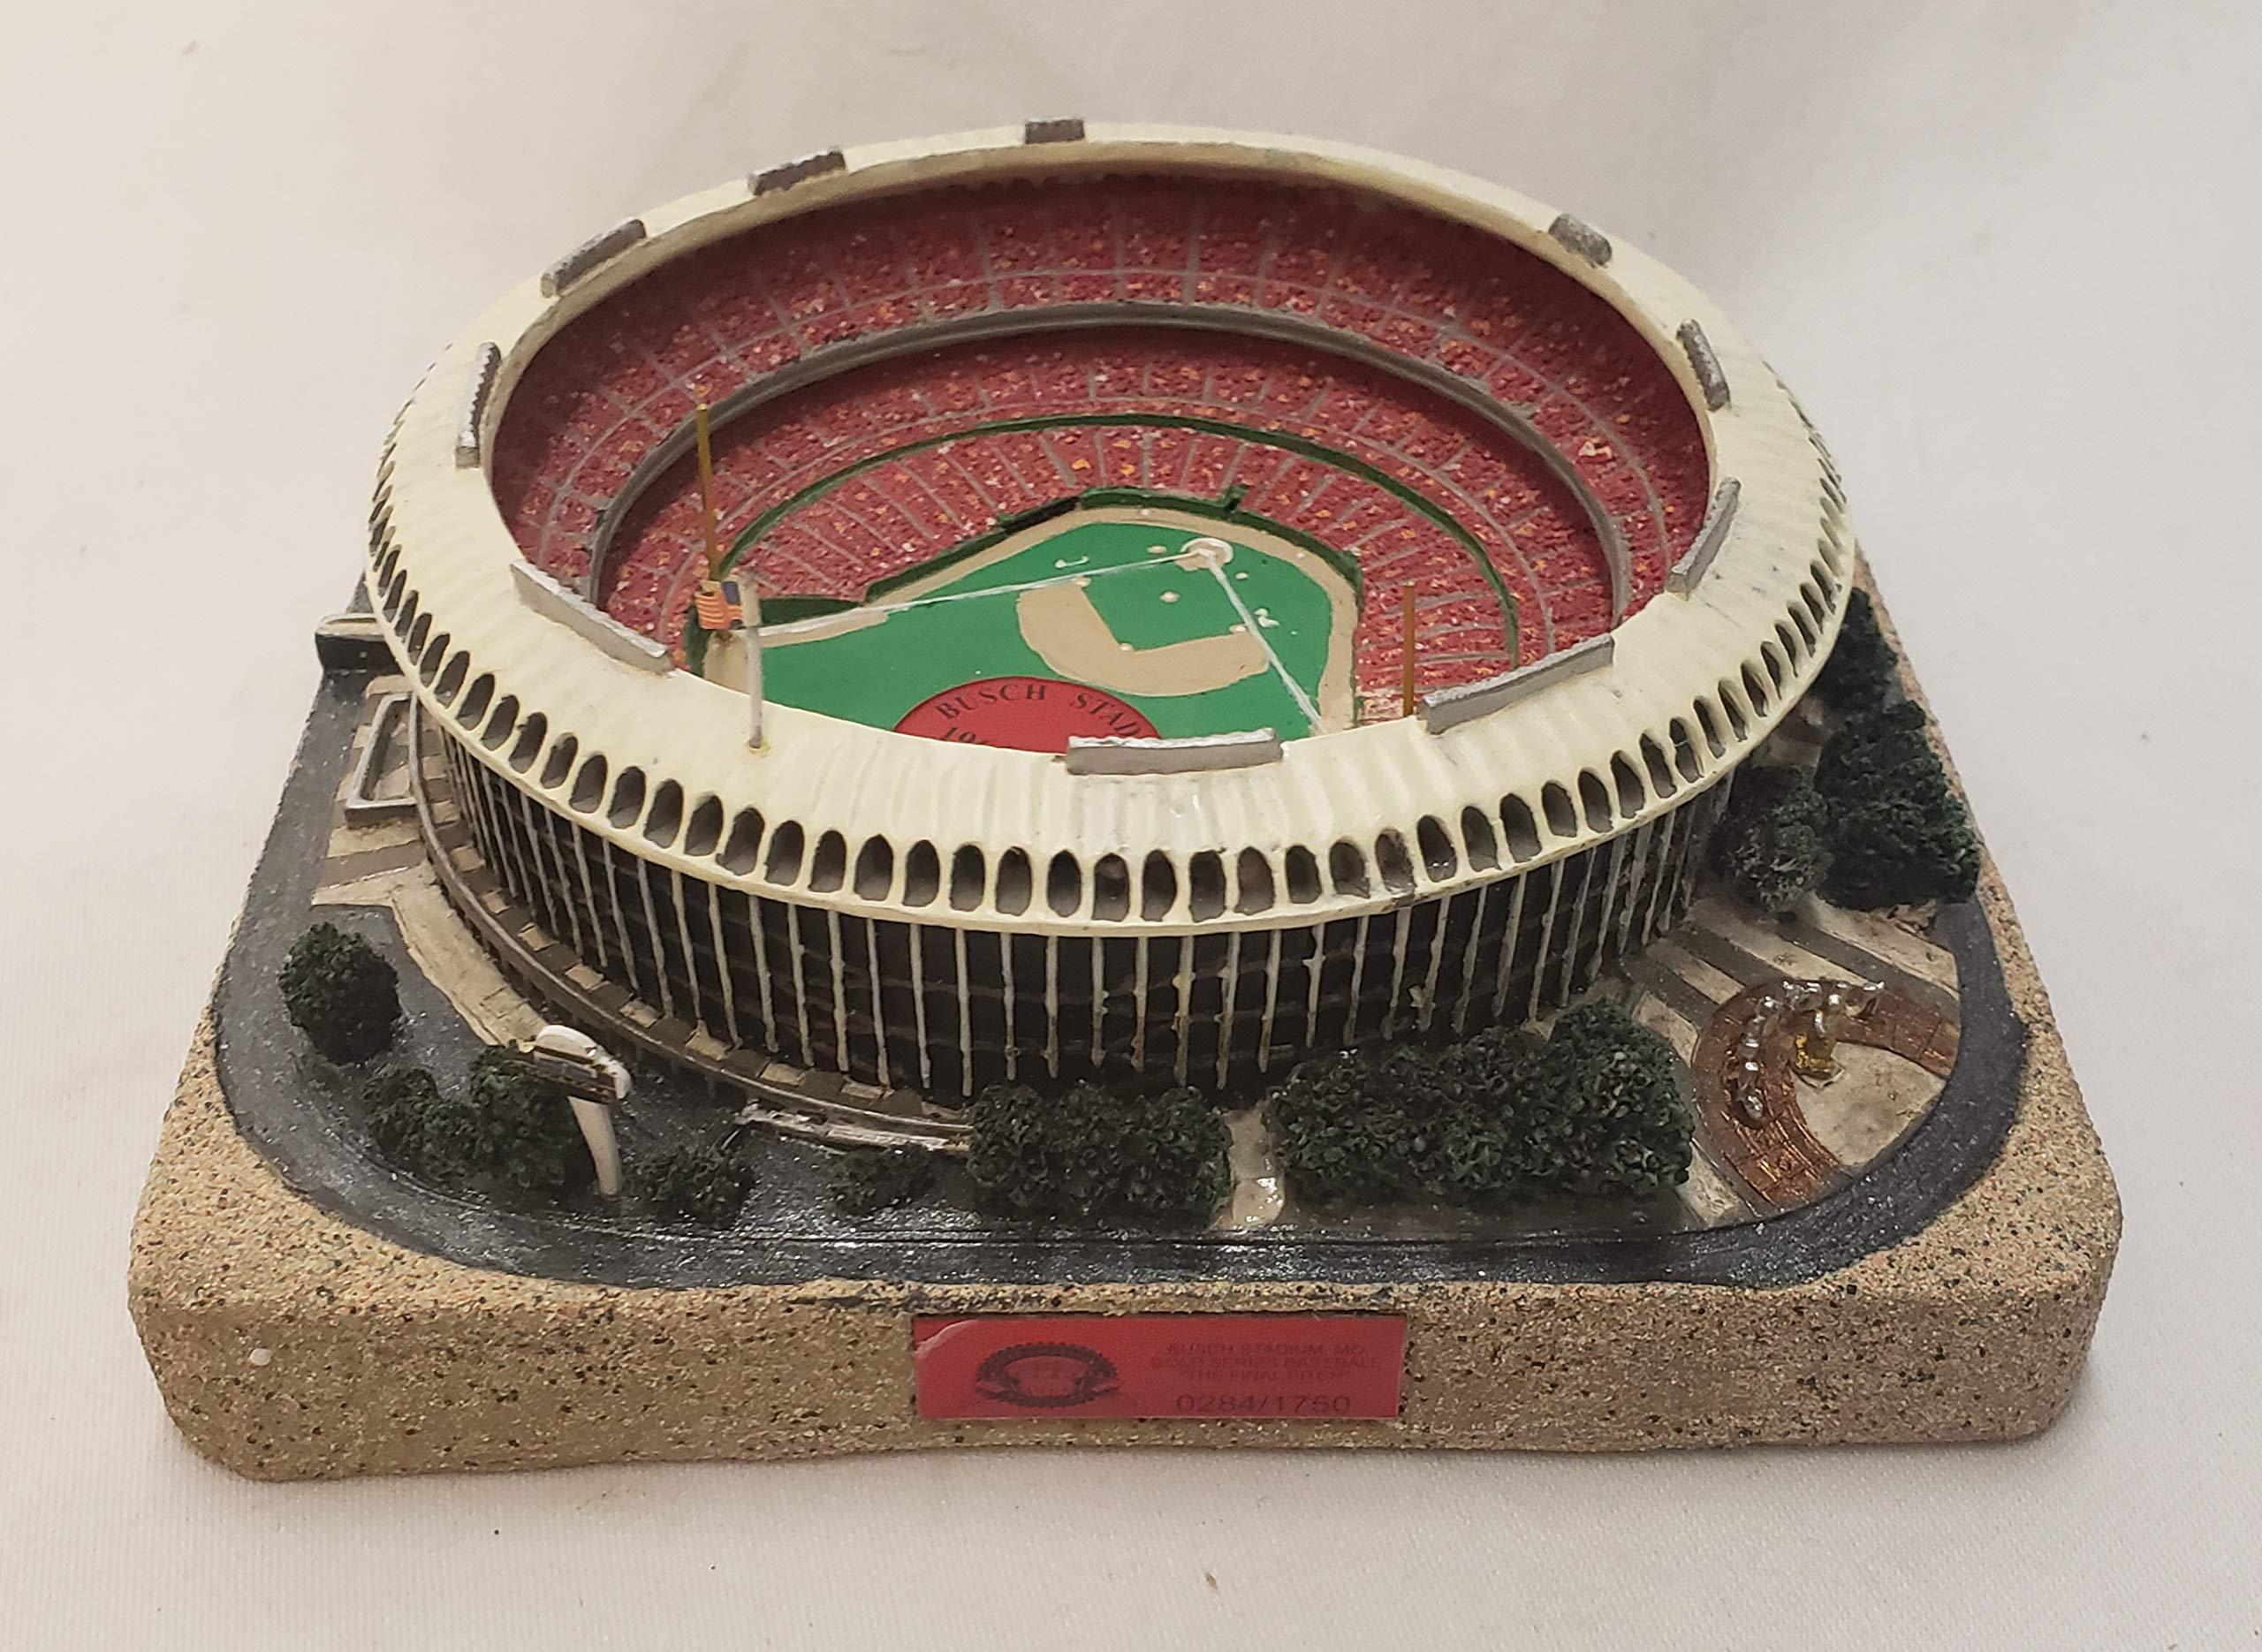 St. Louis Cardinals Busch Stadium FINAL PITCH Gold Series Stadium Replica